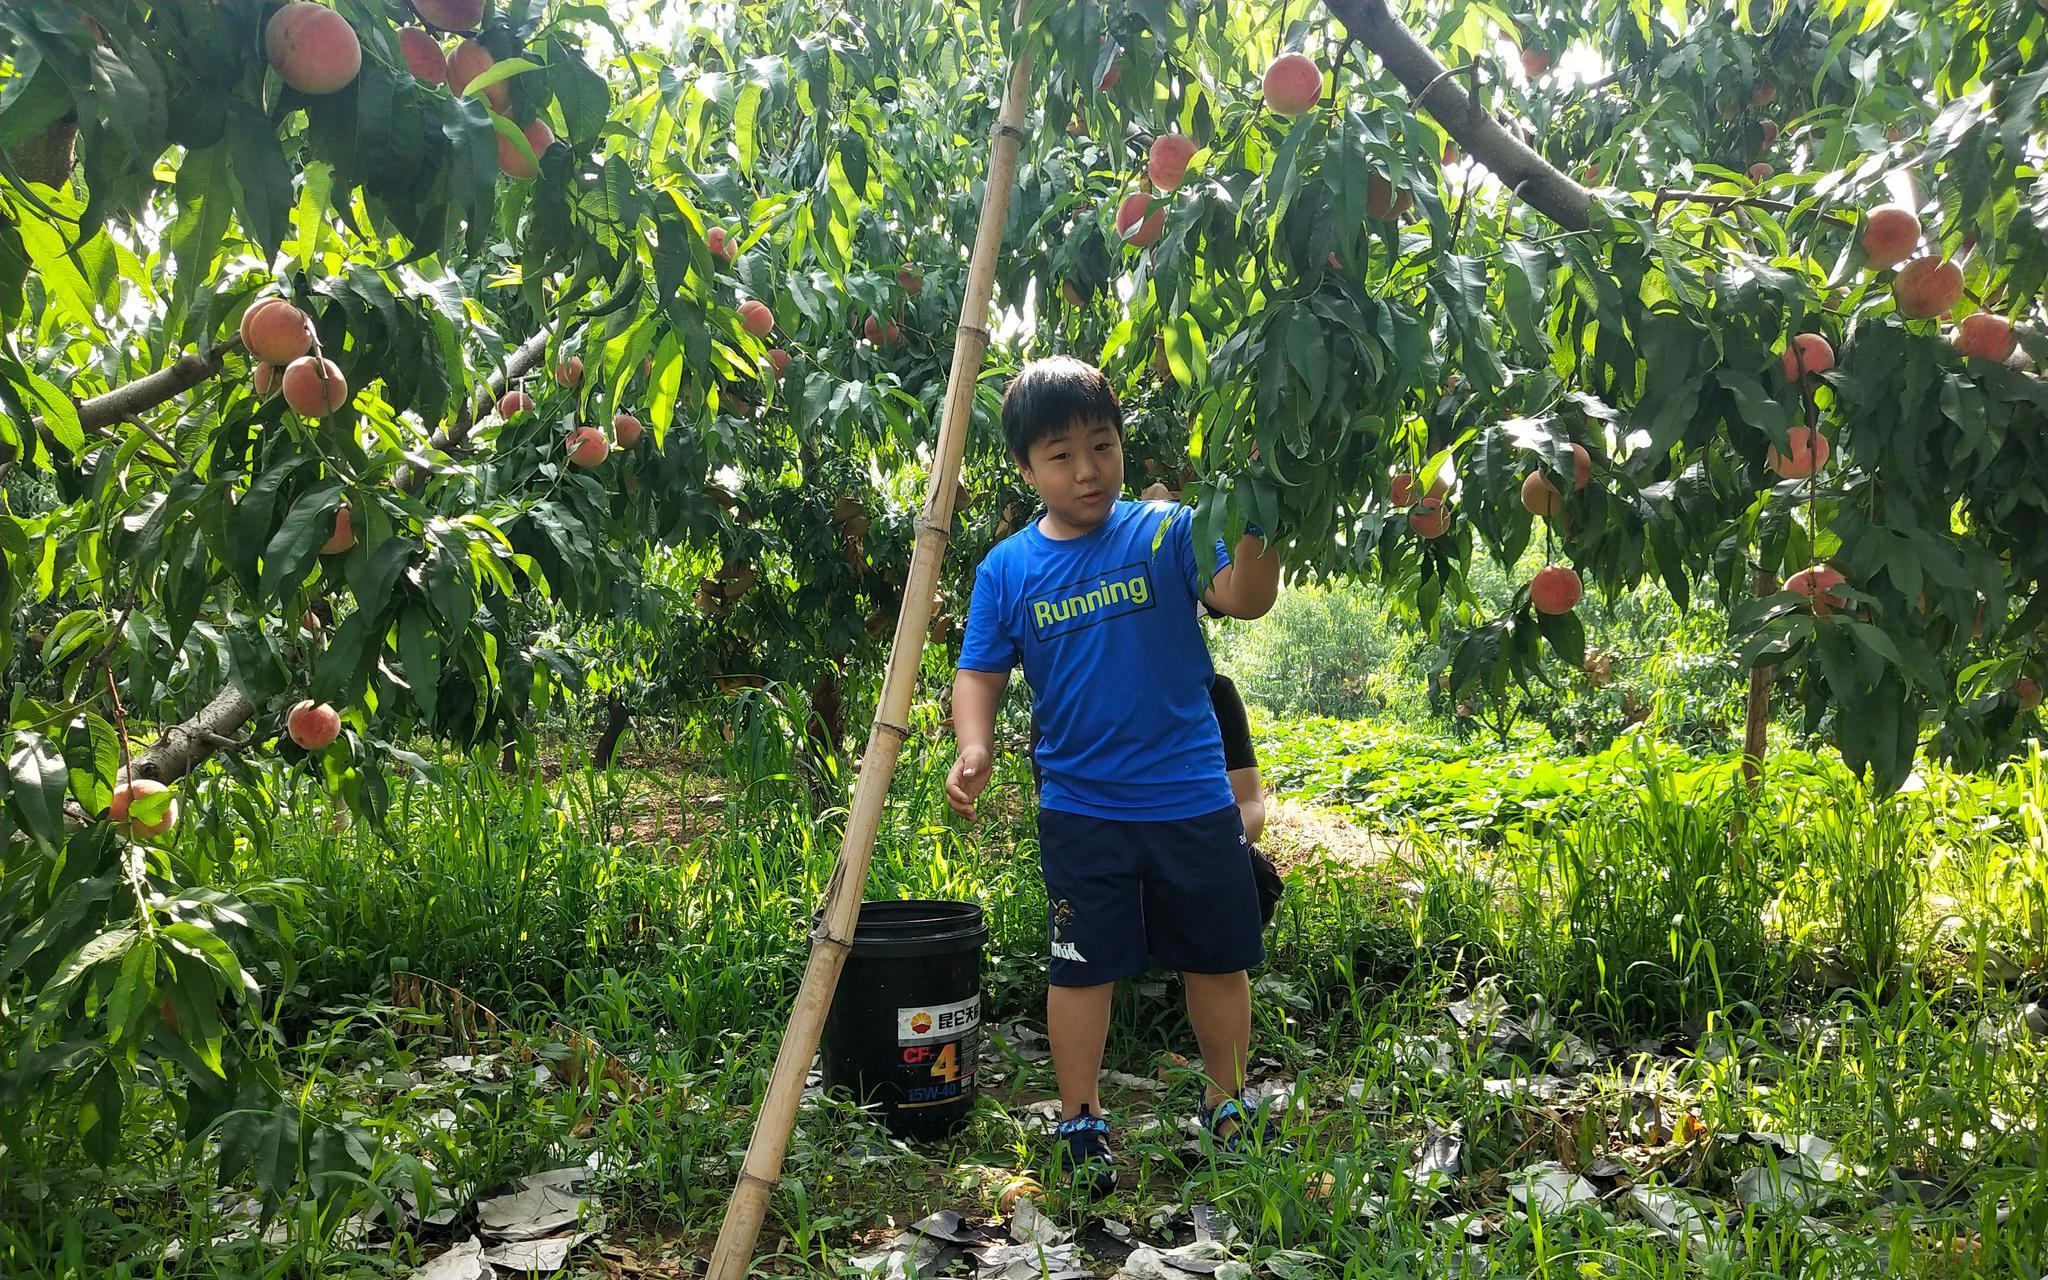 【杏悦】费入住杏悦京郊胡家营村近百种大桃陆续下树图片